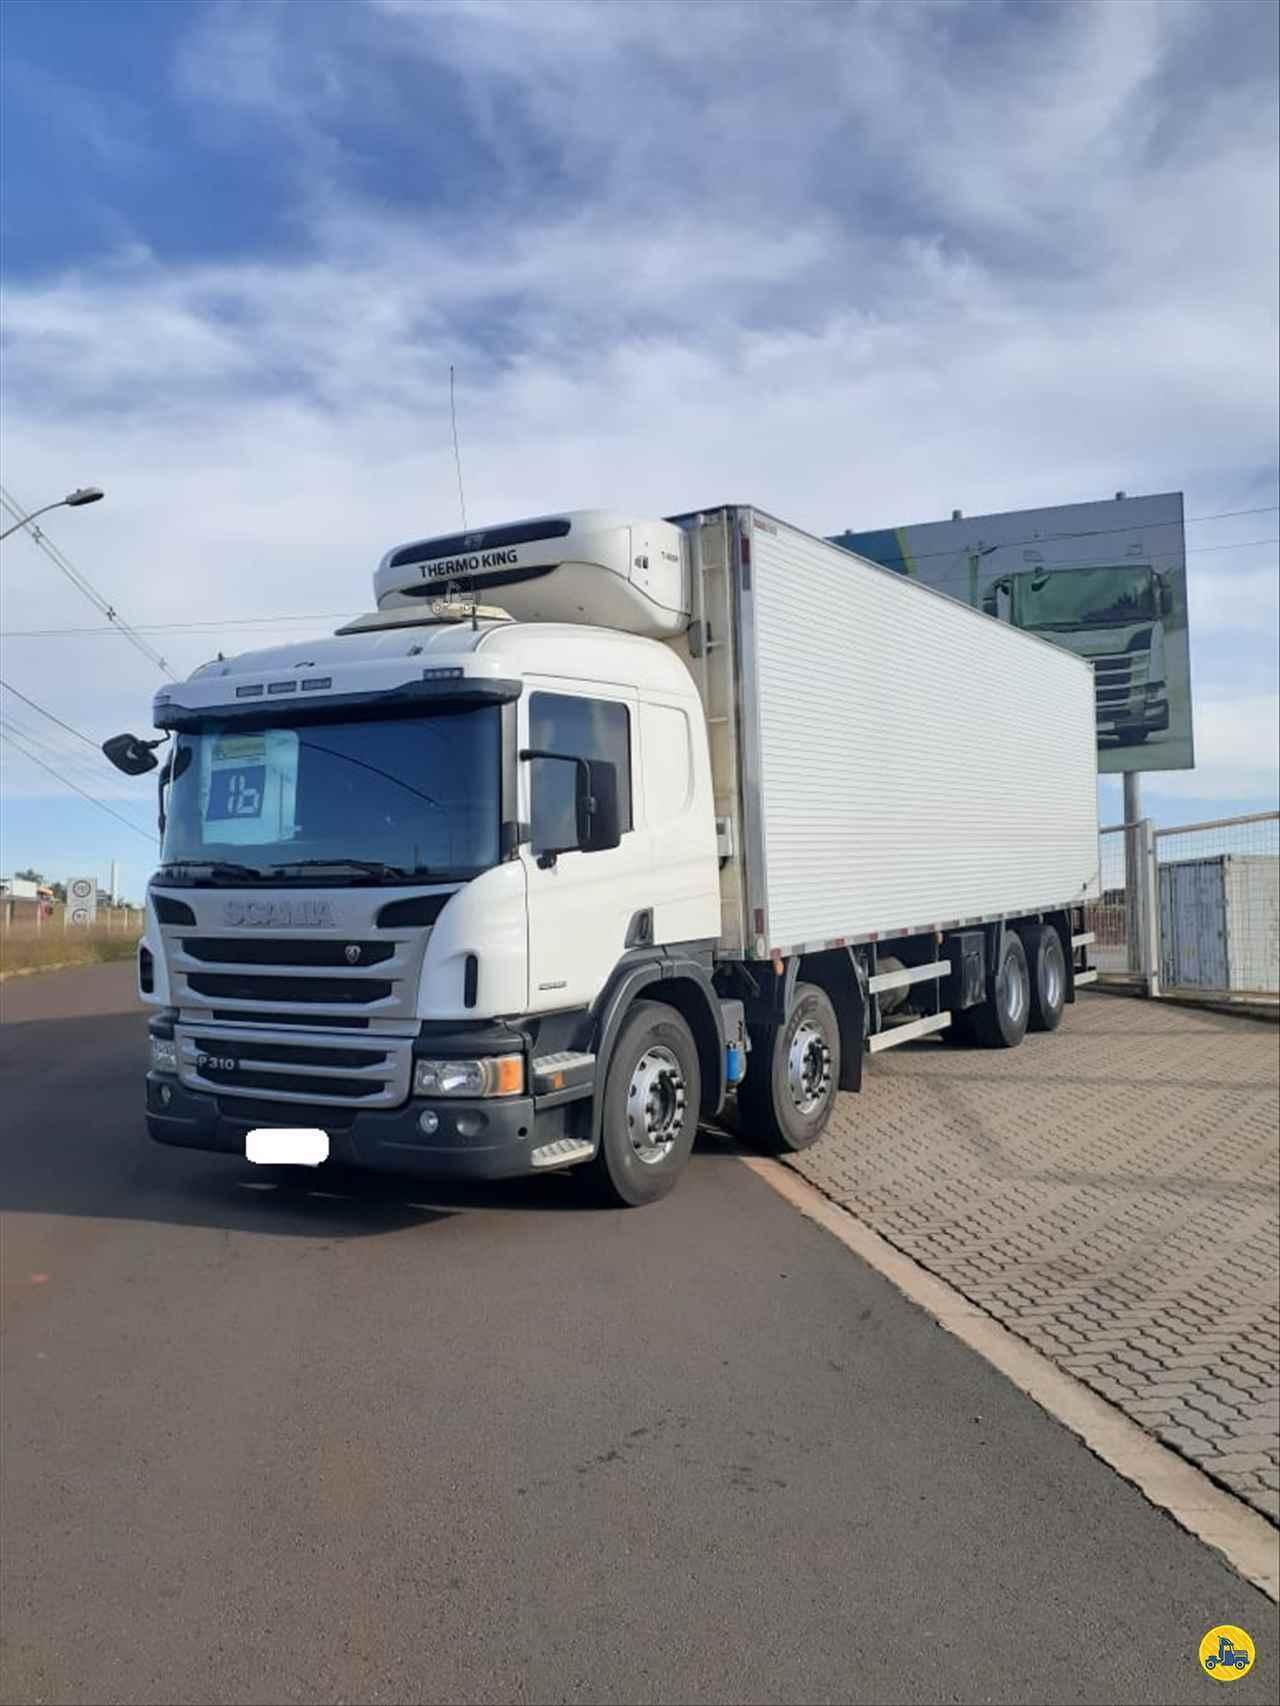 SCANIA 310 de 4K Caminhões - Araras - ARARAS/SP